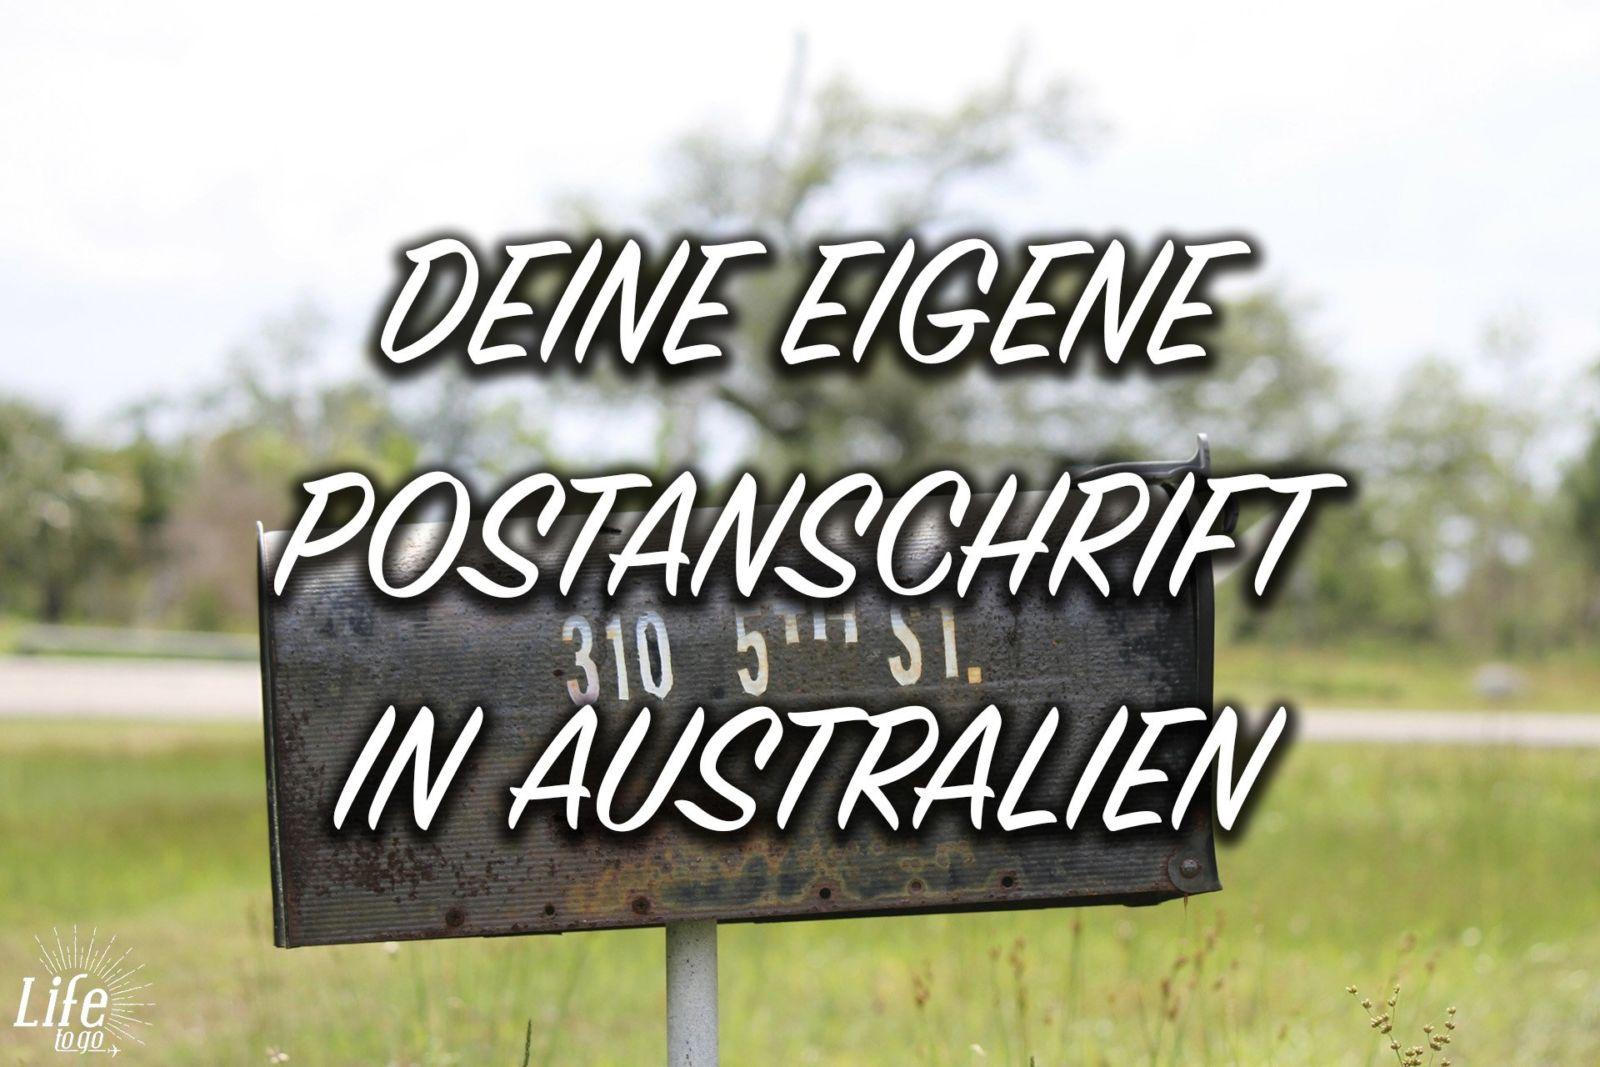 So bekommst du deine eigene Postanschrift in Australien